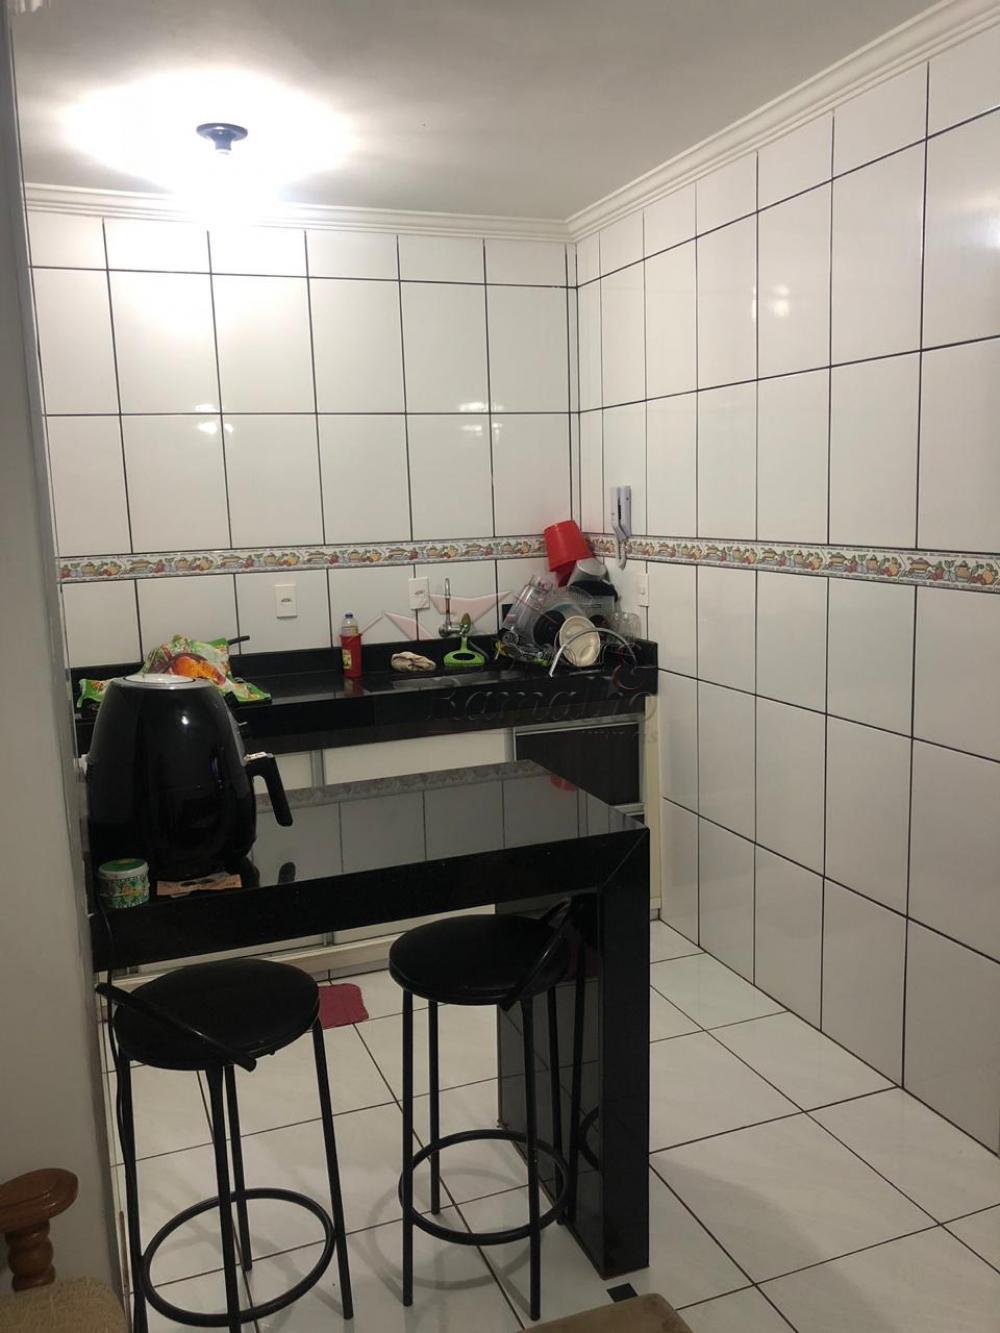 Comprar Apartamentos / Padrão em Ribeirão Preto apenas R$ 110.000,00 - Foto 4